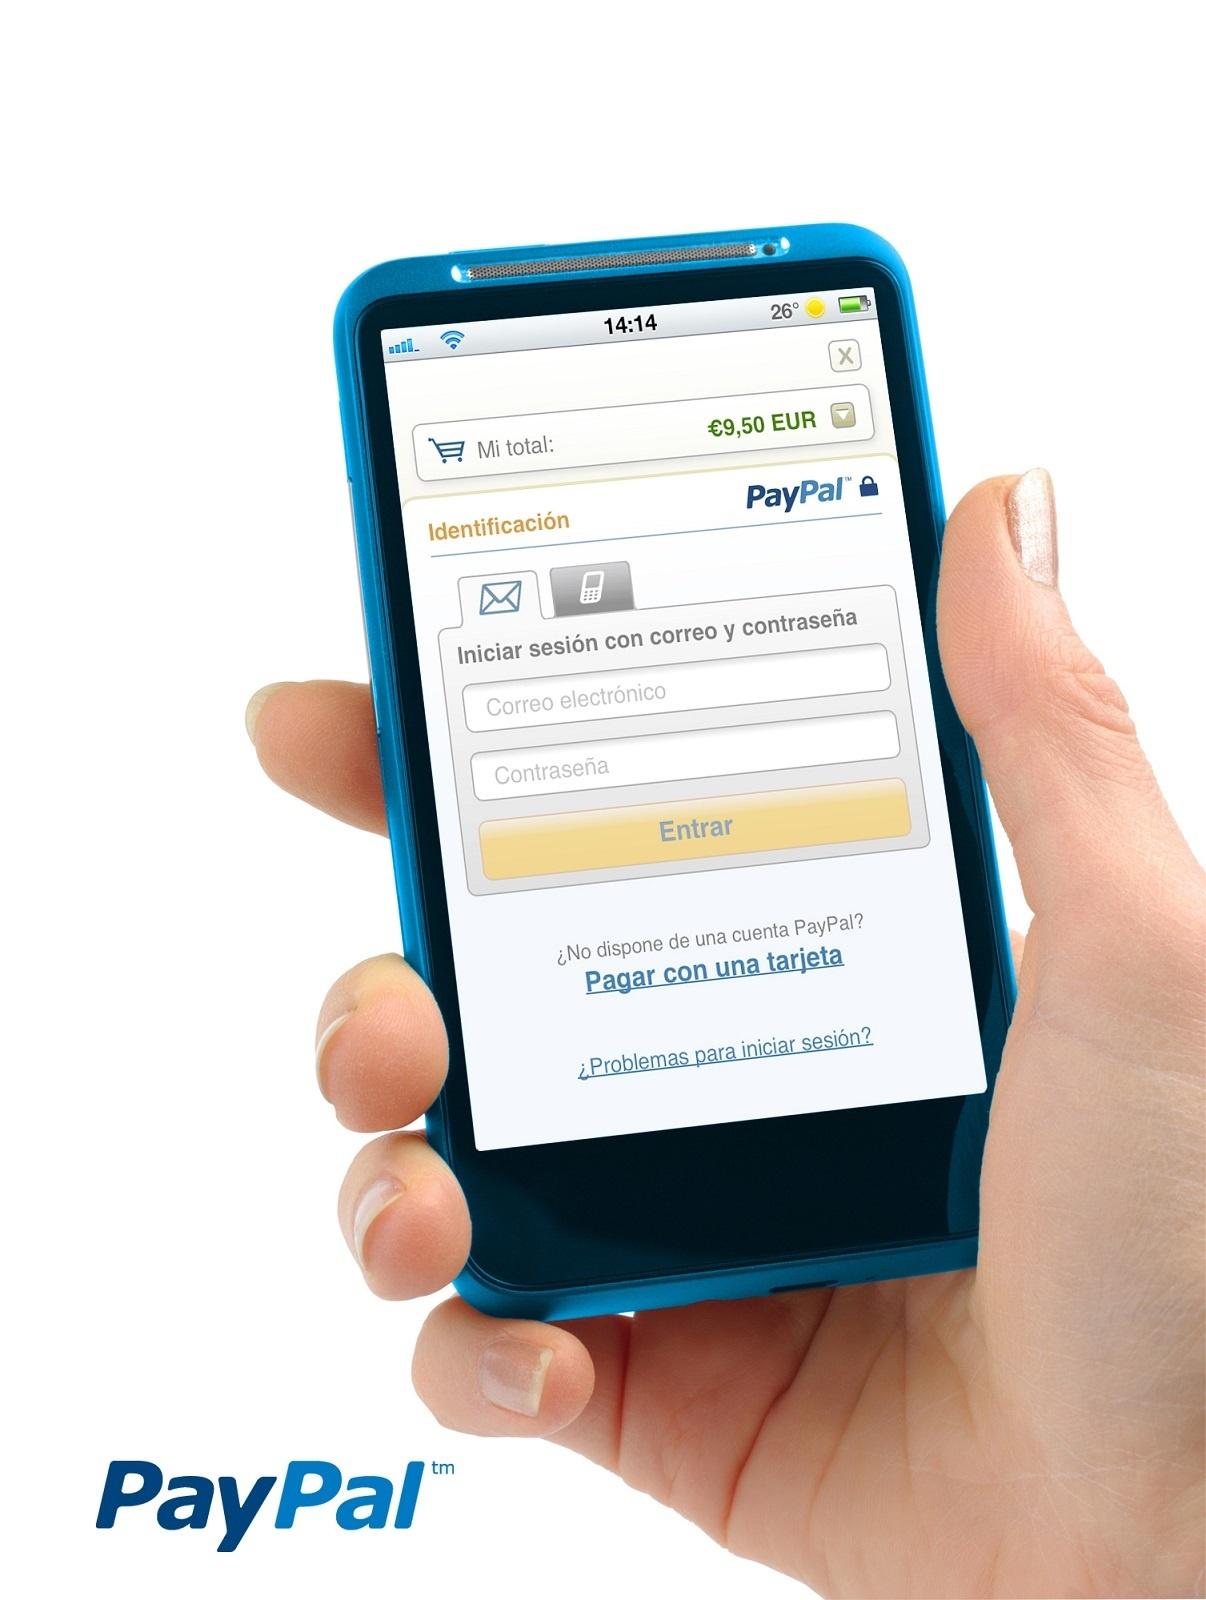 PayPal alcanza los 3 millones de cuentas activas en España